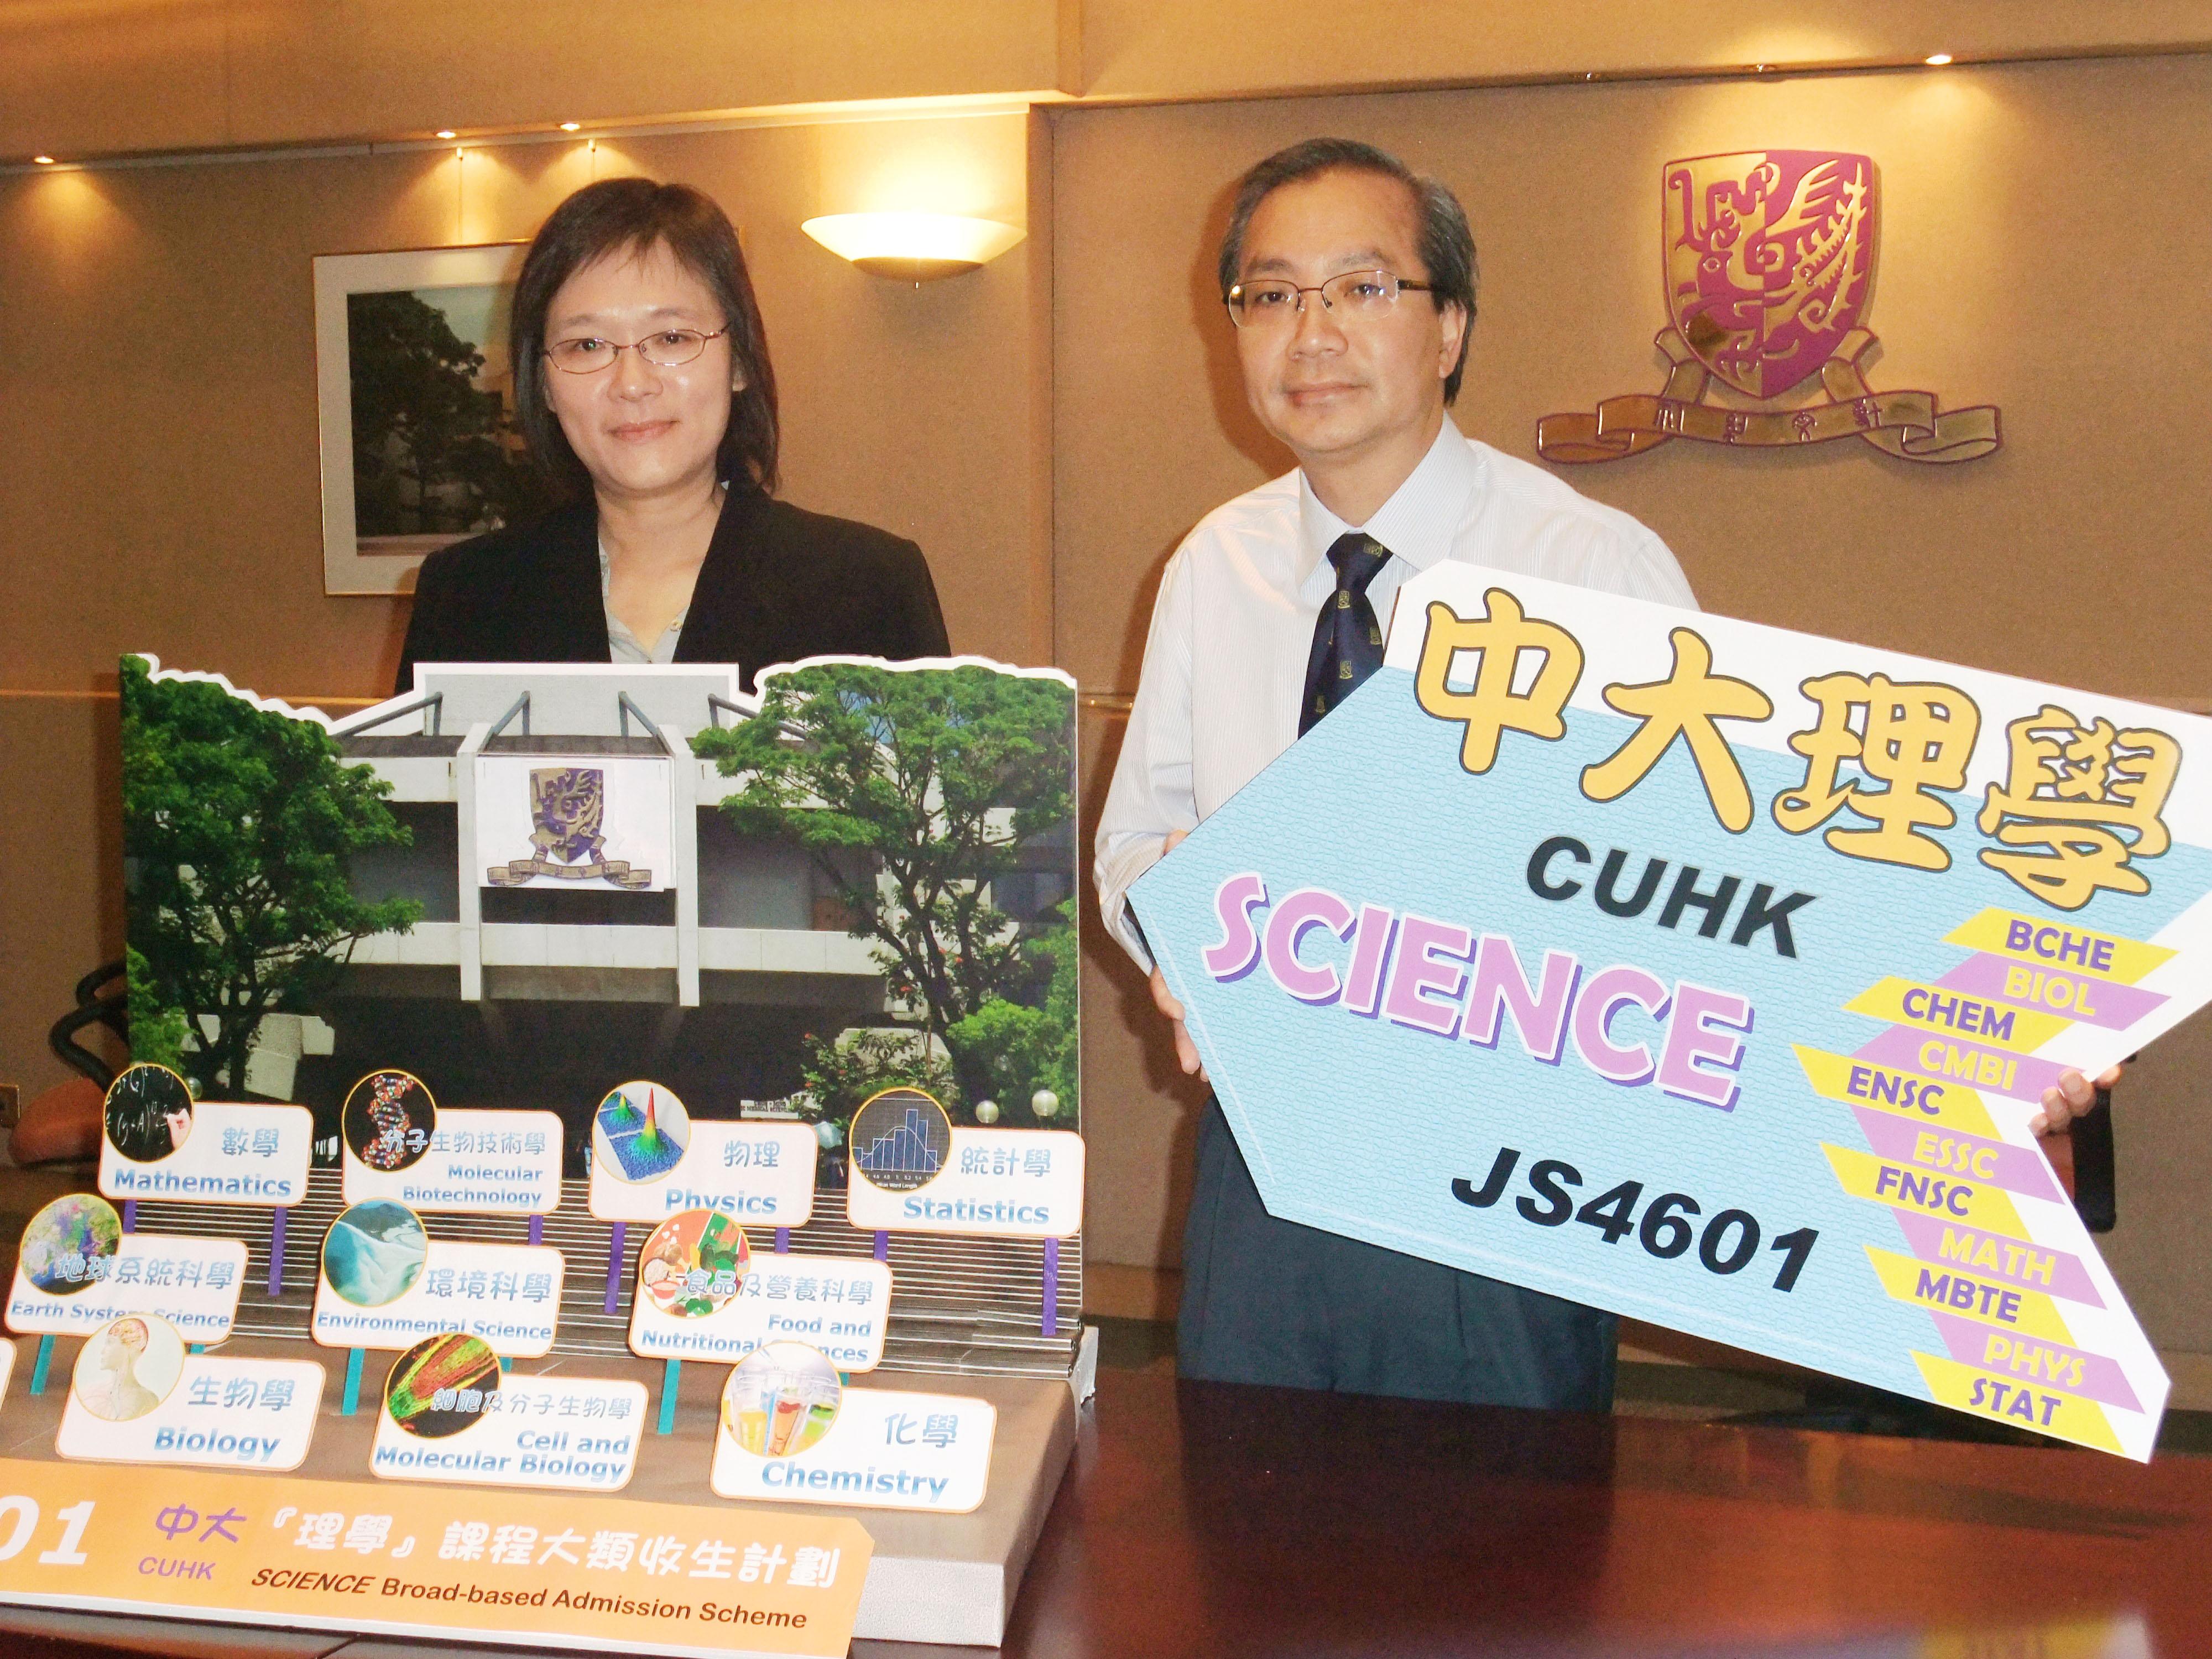 中大理學院副院長(教育)潘偉賢教授(左)及副院長(學生事務)吳恒亮教授